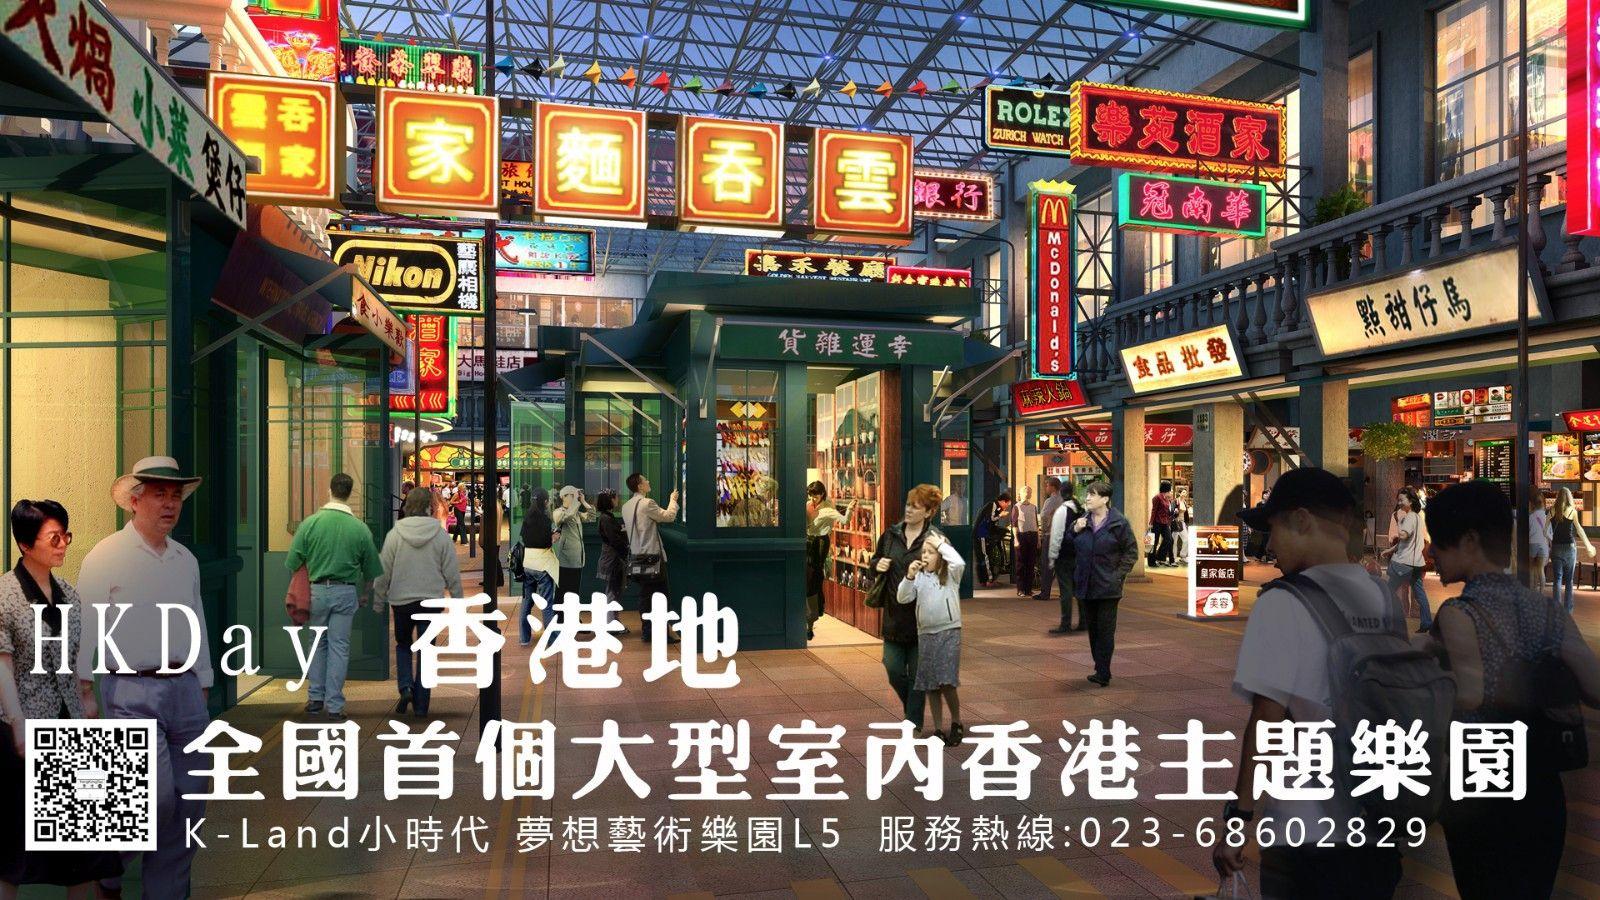 香港地�_hkday香港地